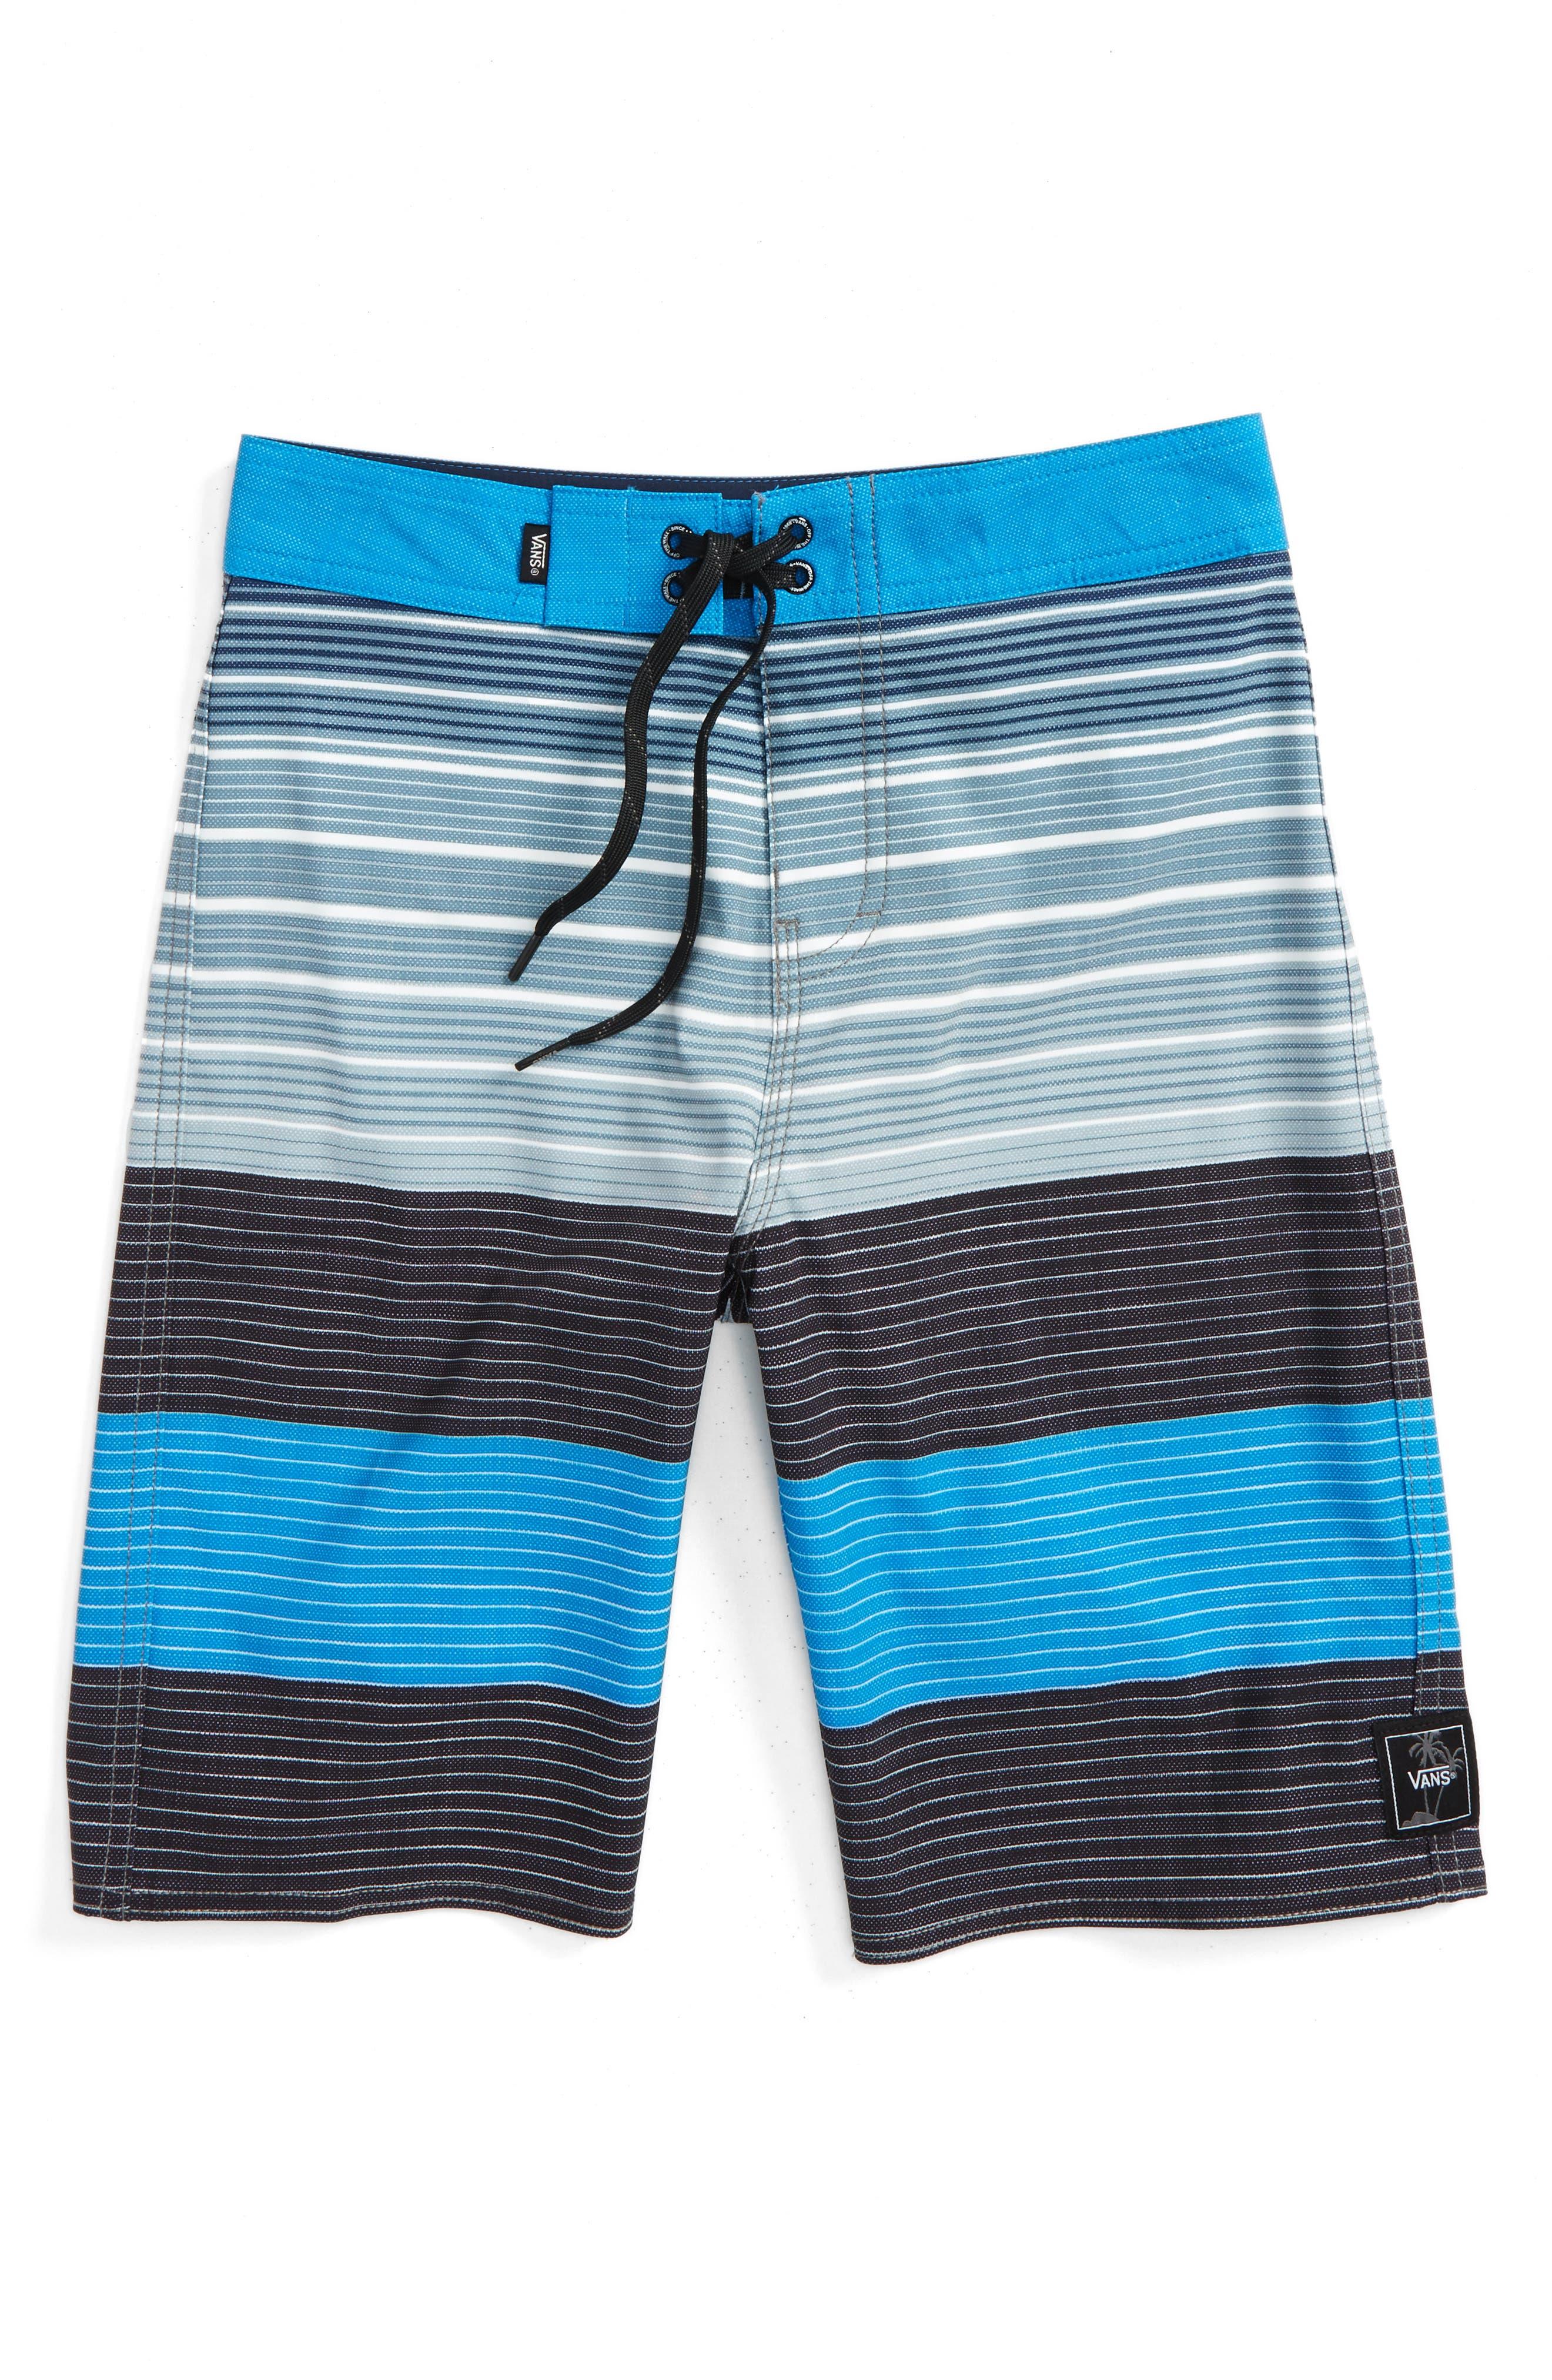 Era Board Shorts,                             Main thumbnail 6, color,